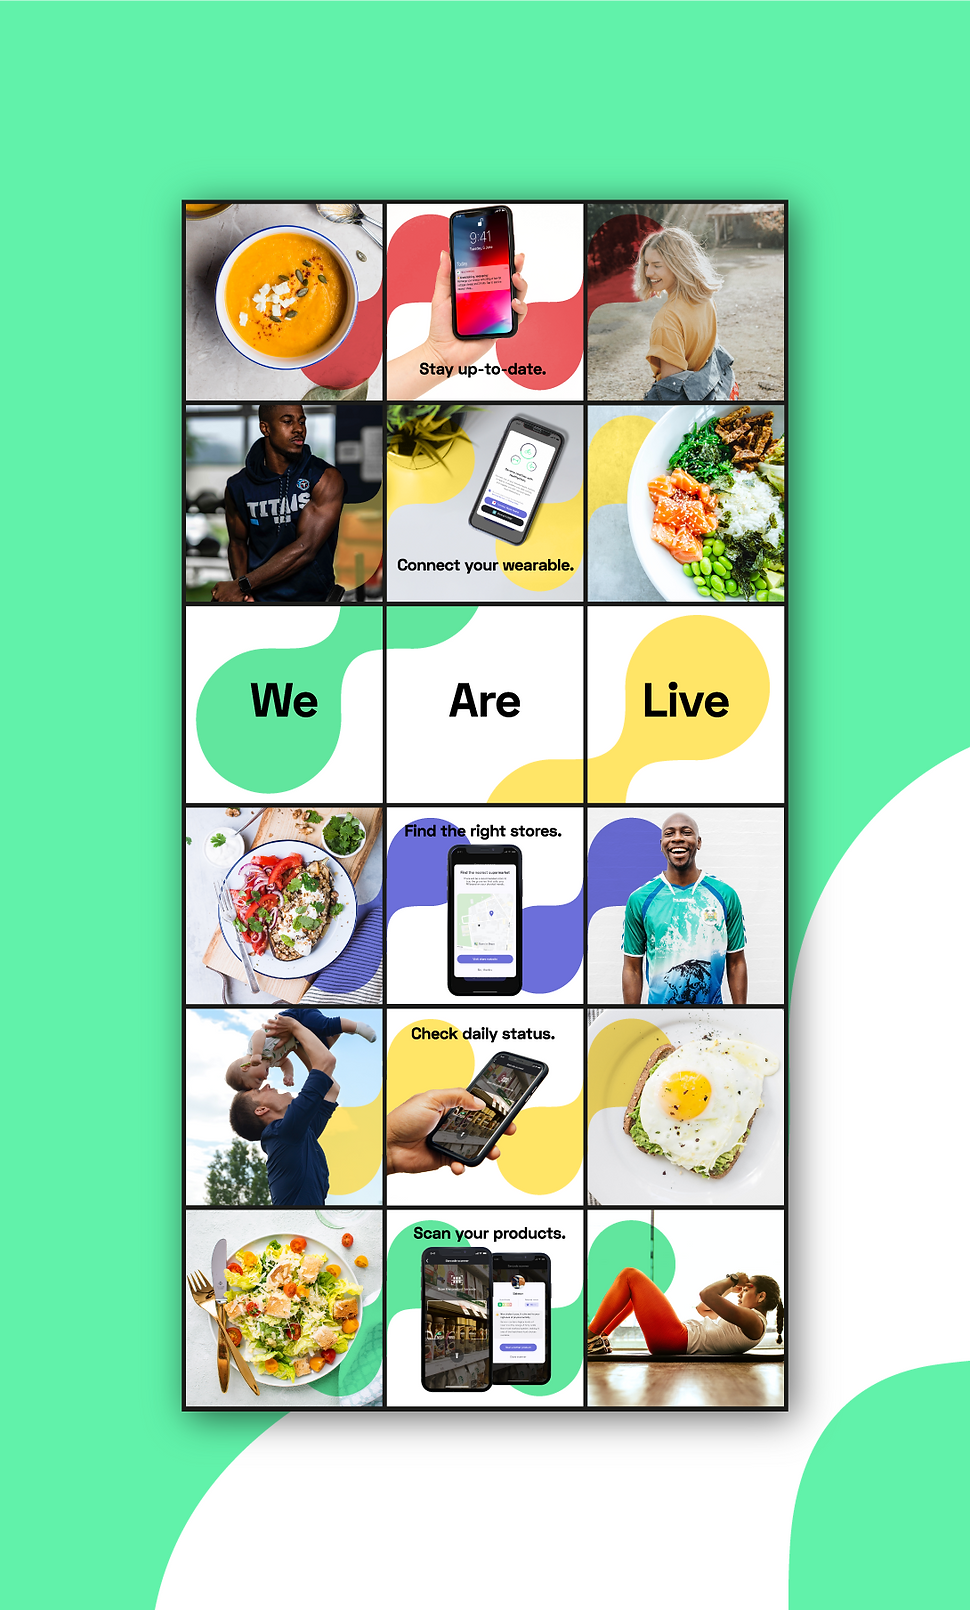 HealthyPicks instagram visuals